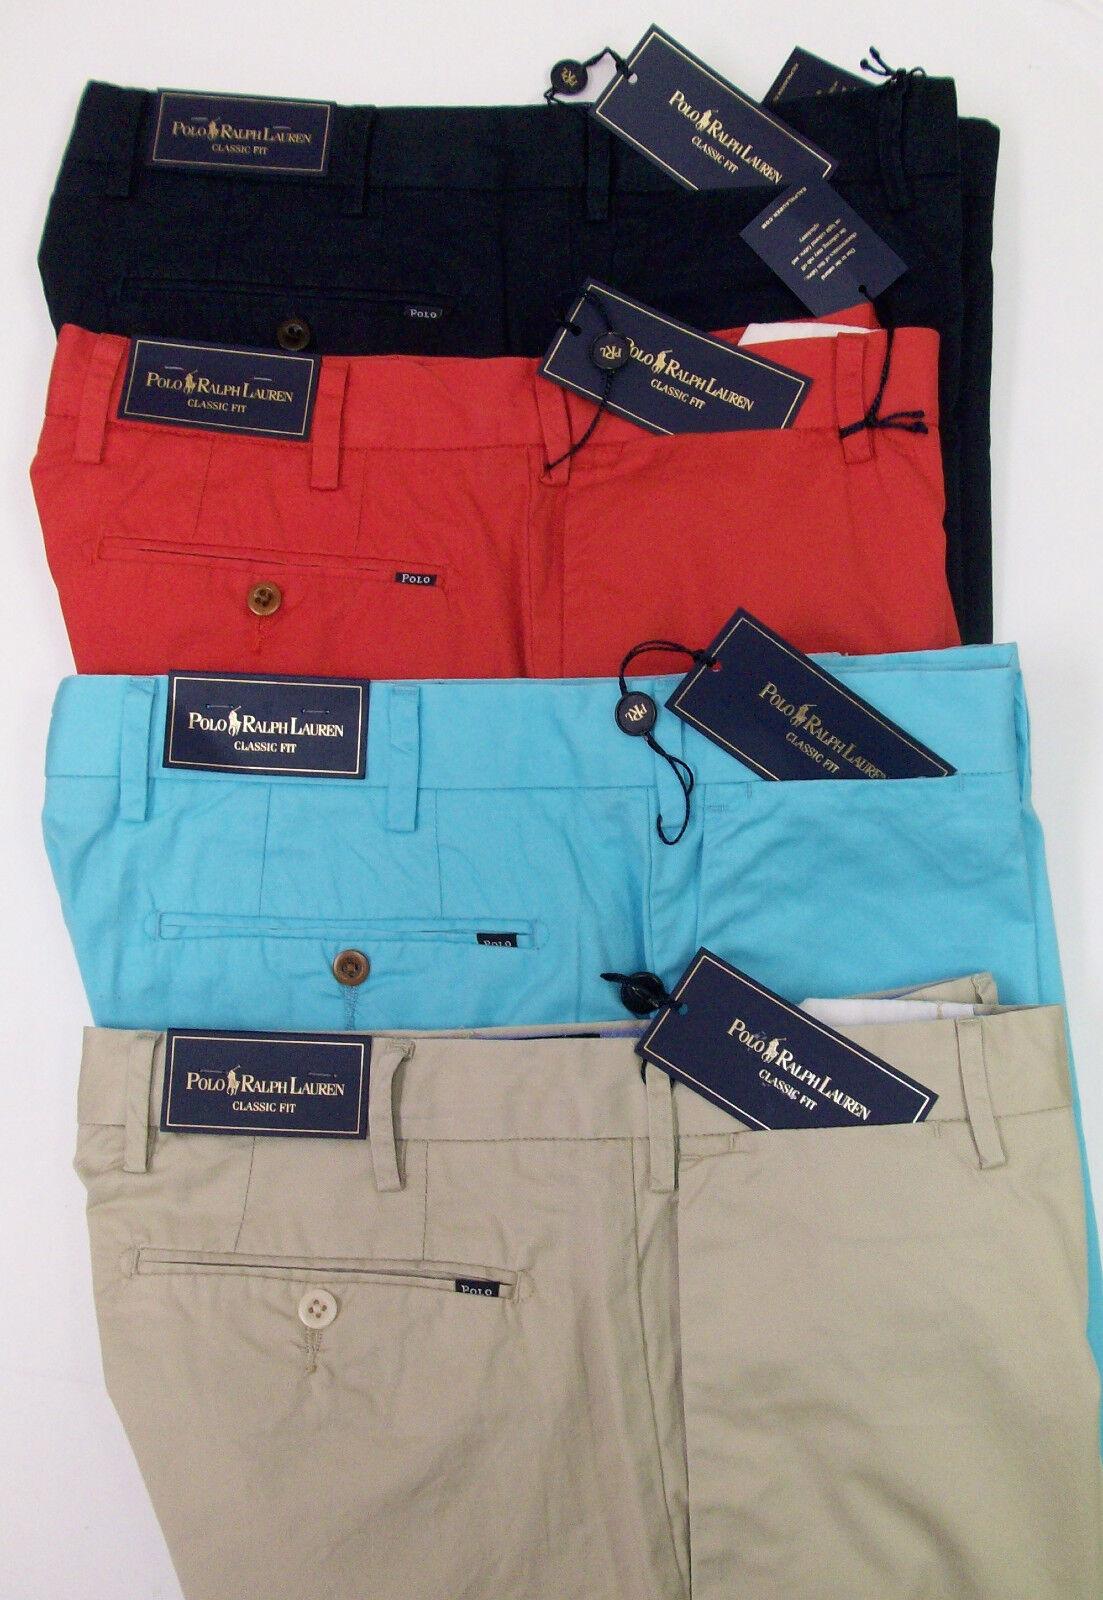 Polo Ralph Lauren Flat Front Classic Fit Pima Cotton Khaki Pants  w Badge NWT